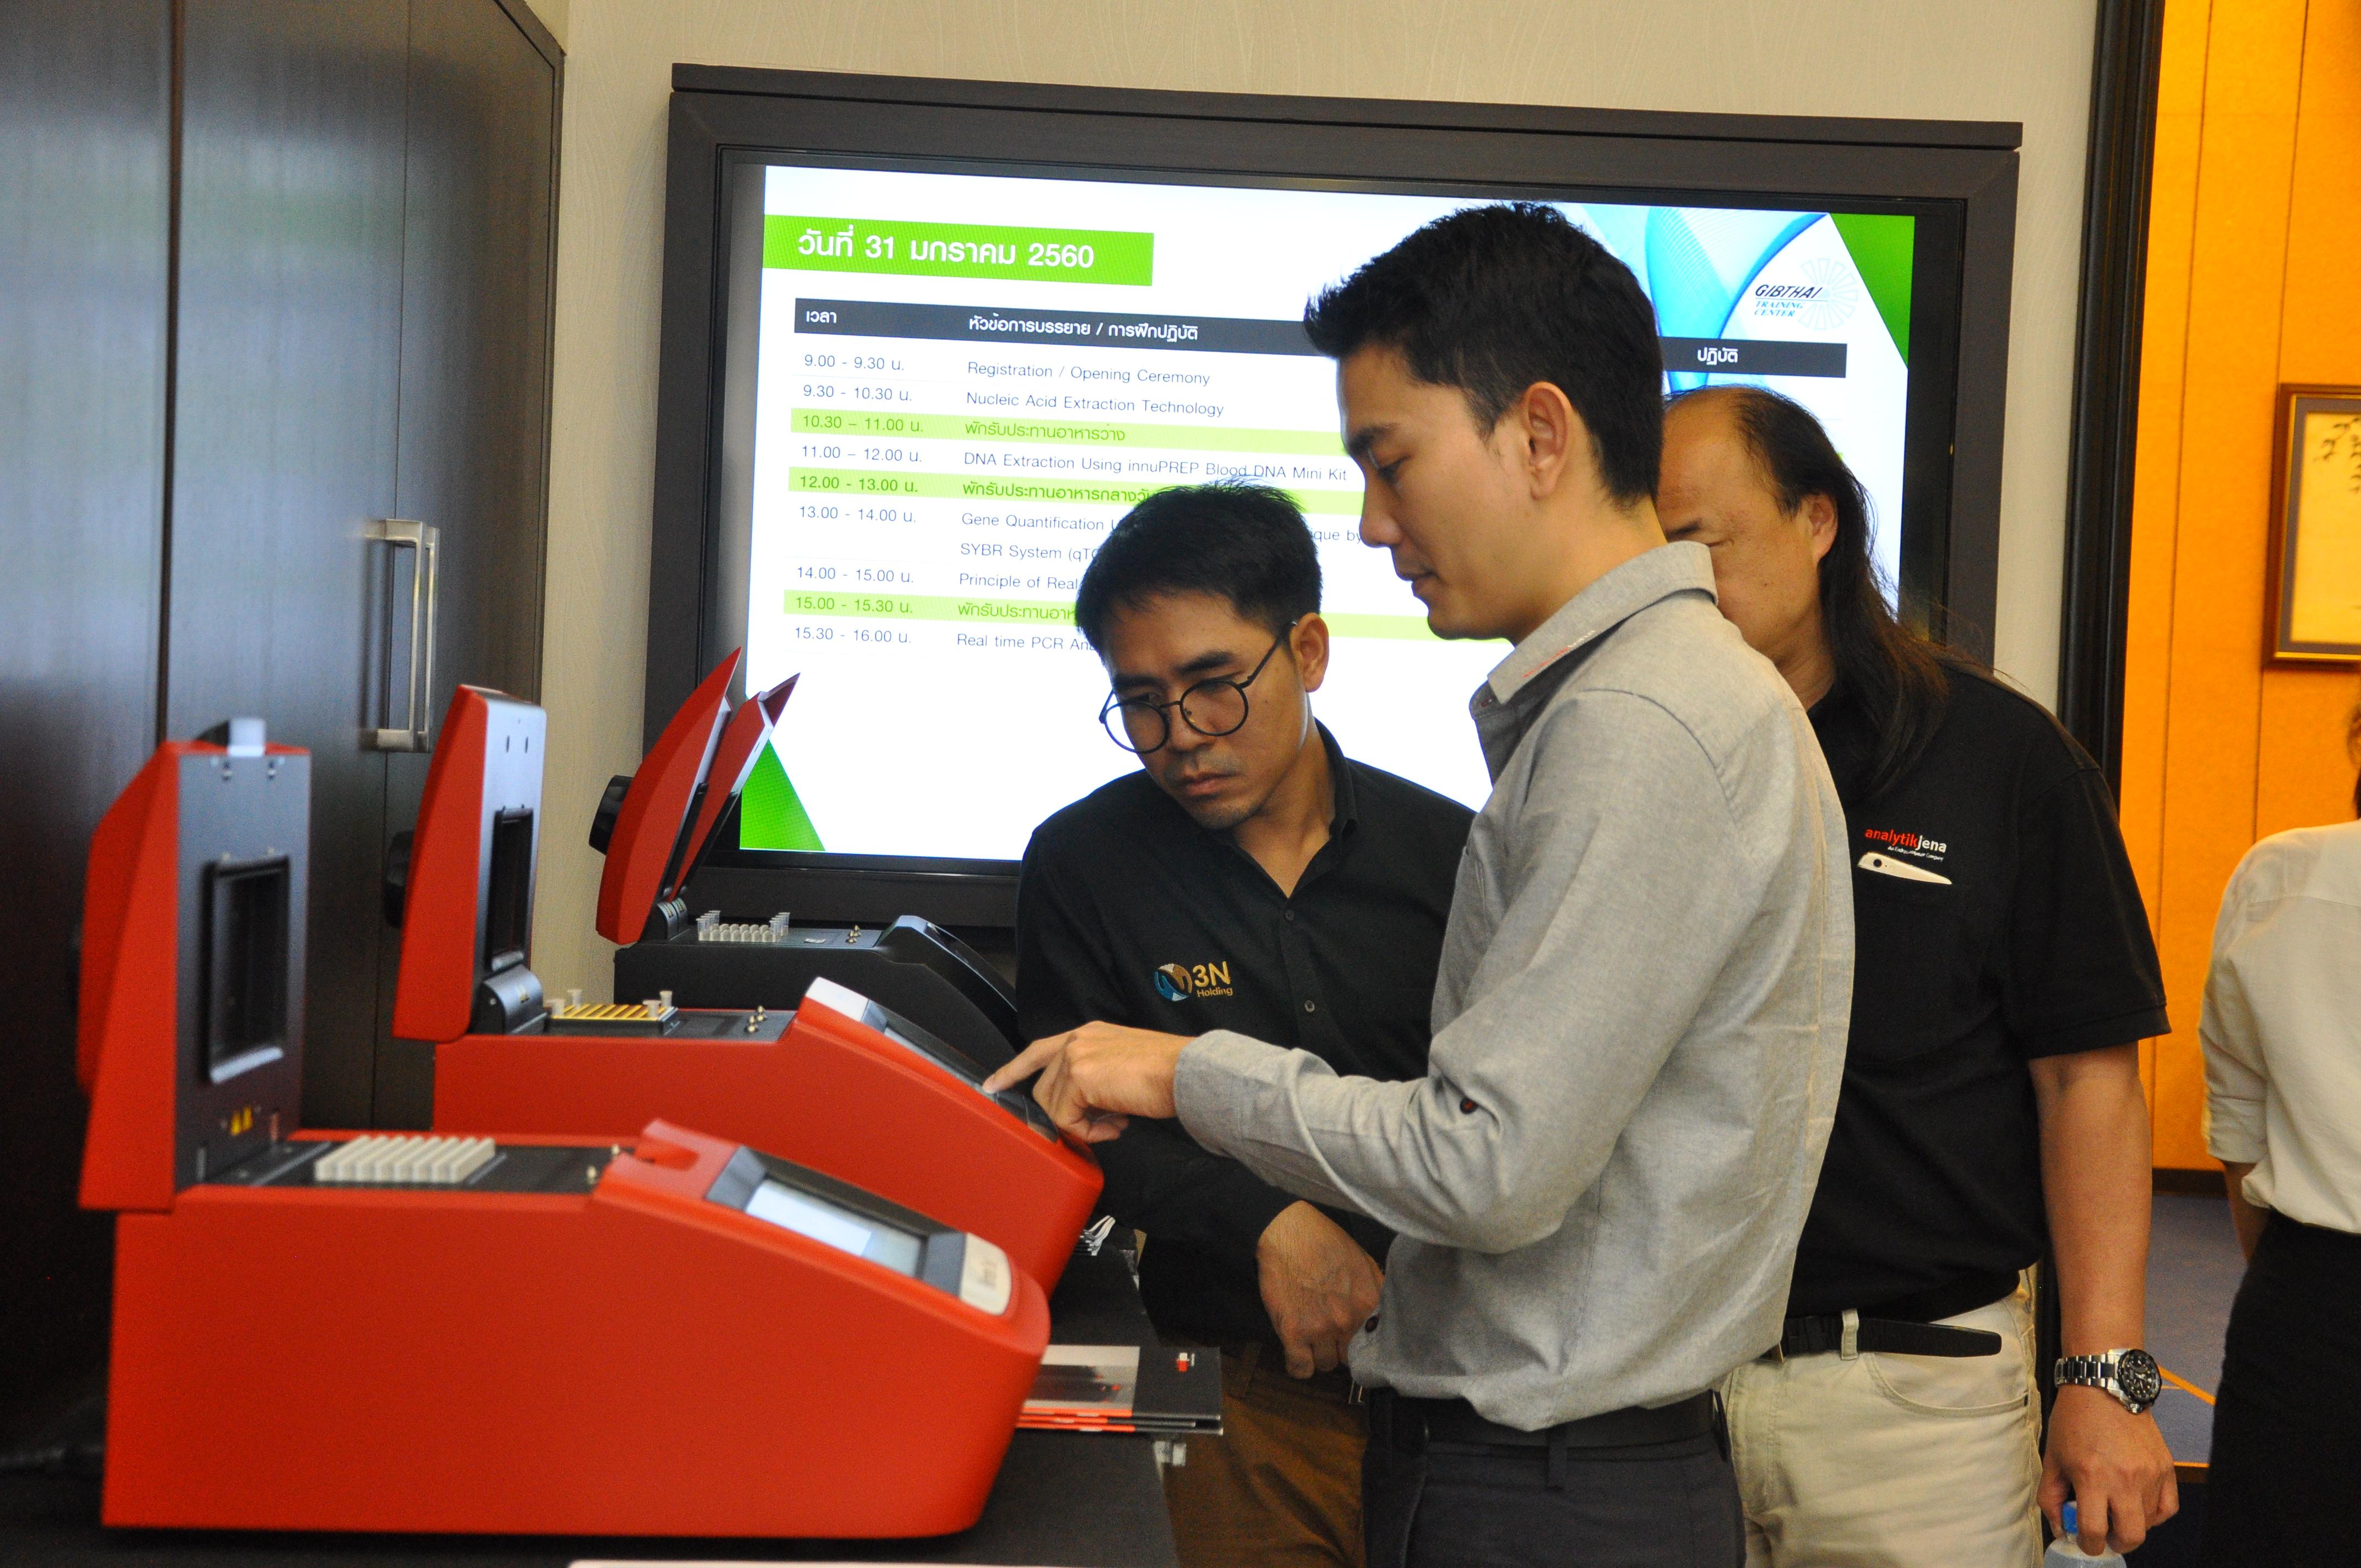 การประชุมเชิงปฏิบัติการ เรื่อง Basic Real time PCR Technique for Gene Quantification and Detection (Workshop)